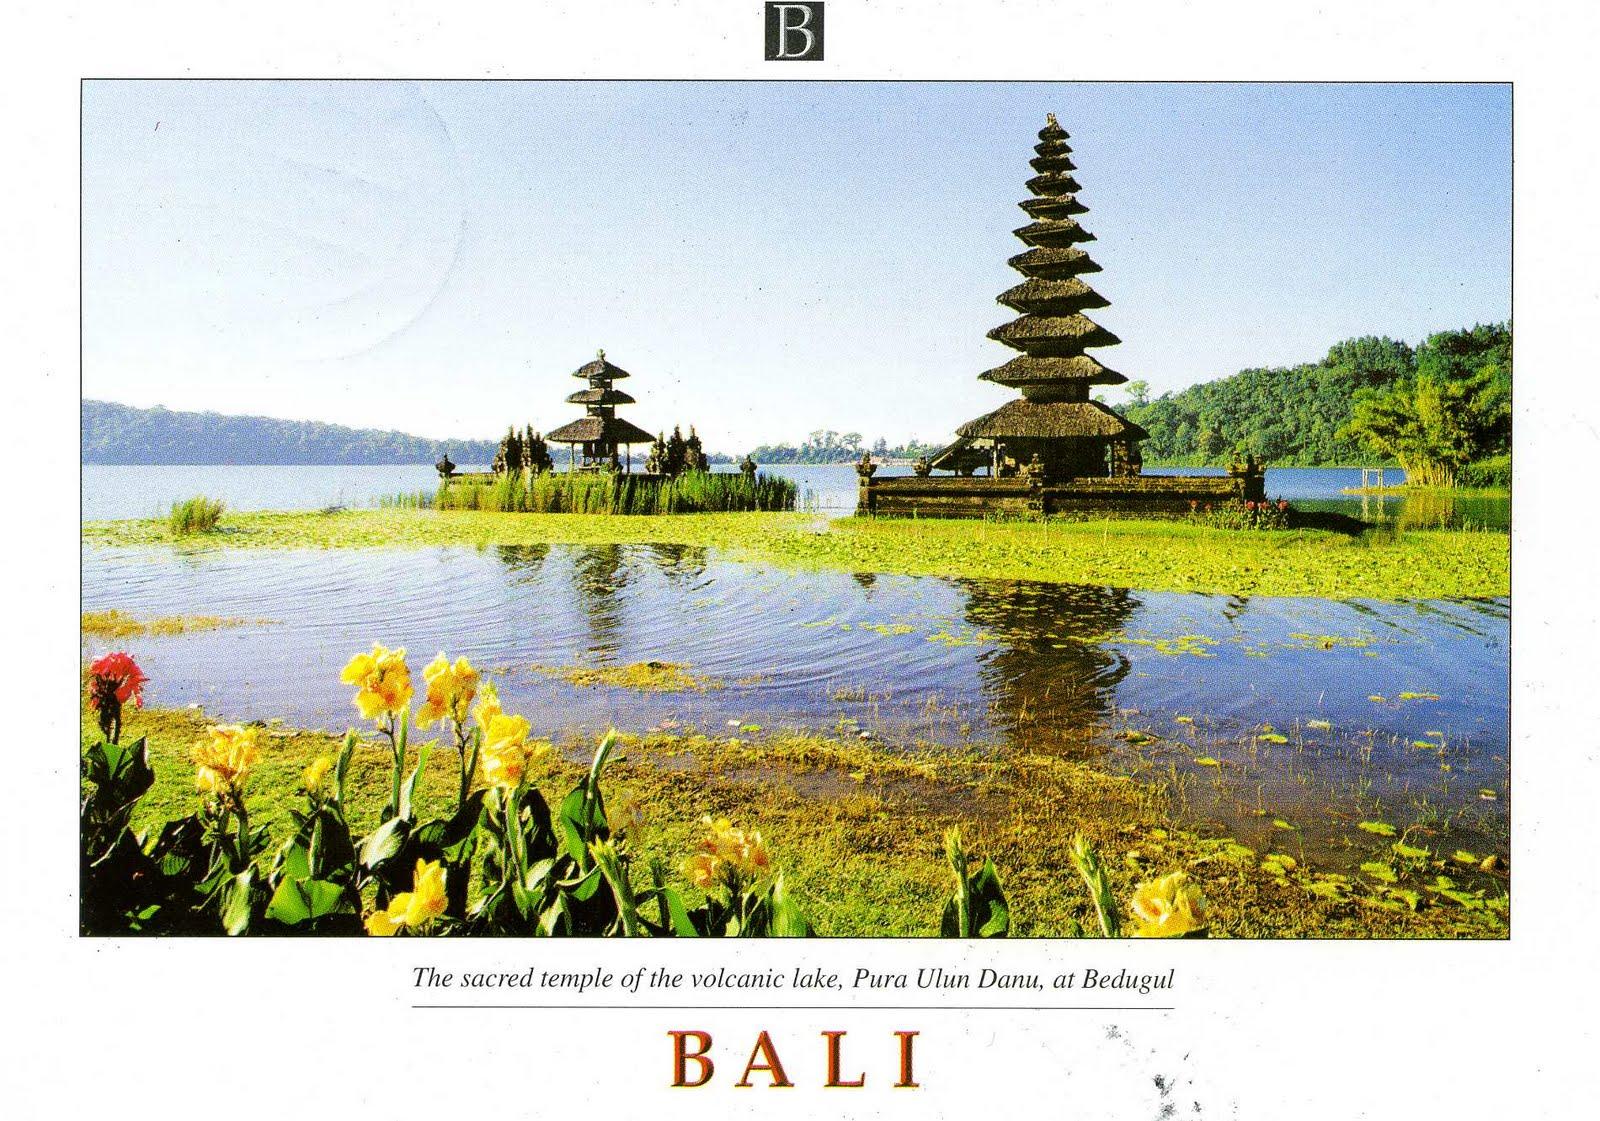 Pošalji mi razglednicu, neću SMS, po azbuci - Page 3 Sari+bali001